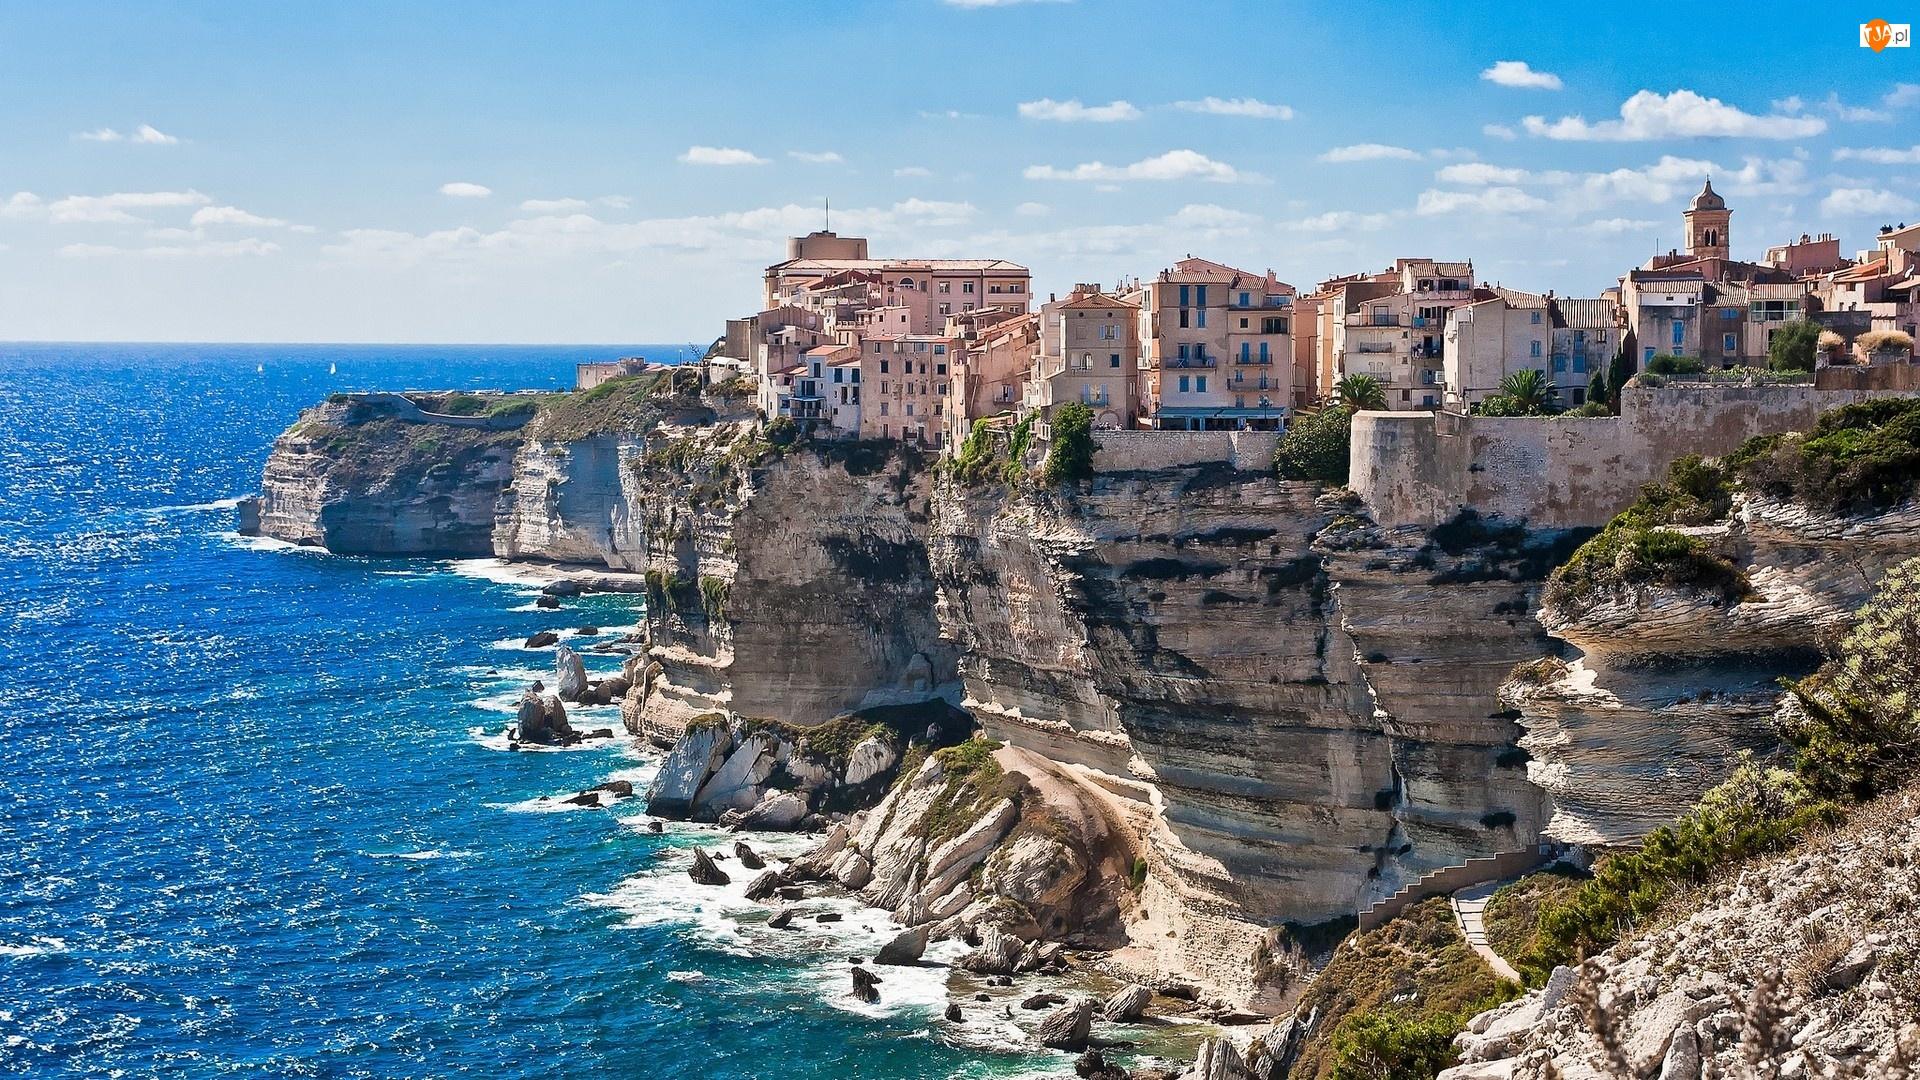 Śródziemne, Korsyka, Klif, Domy, Morze